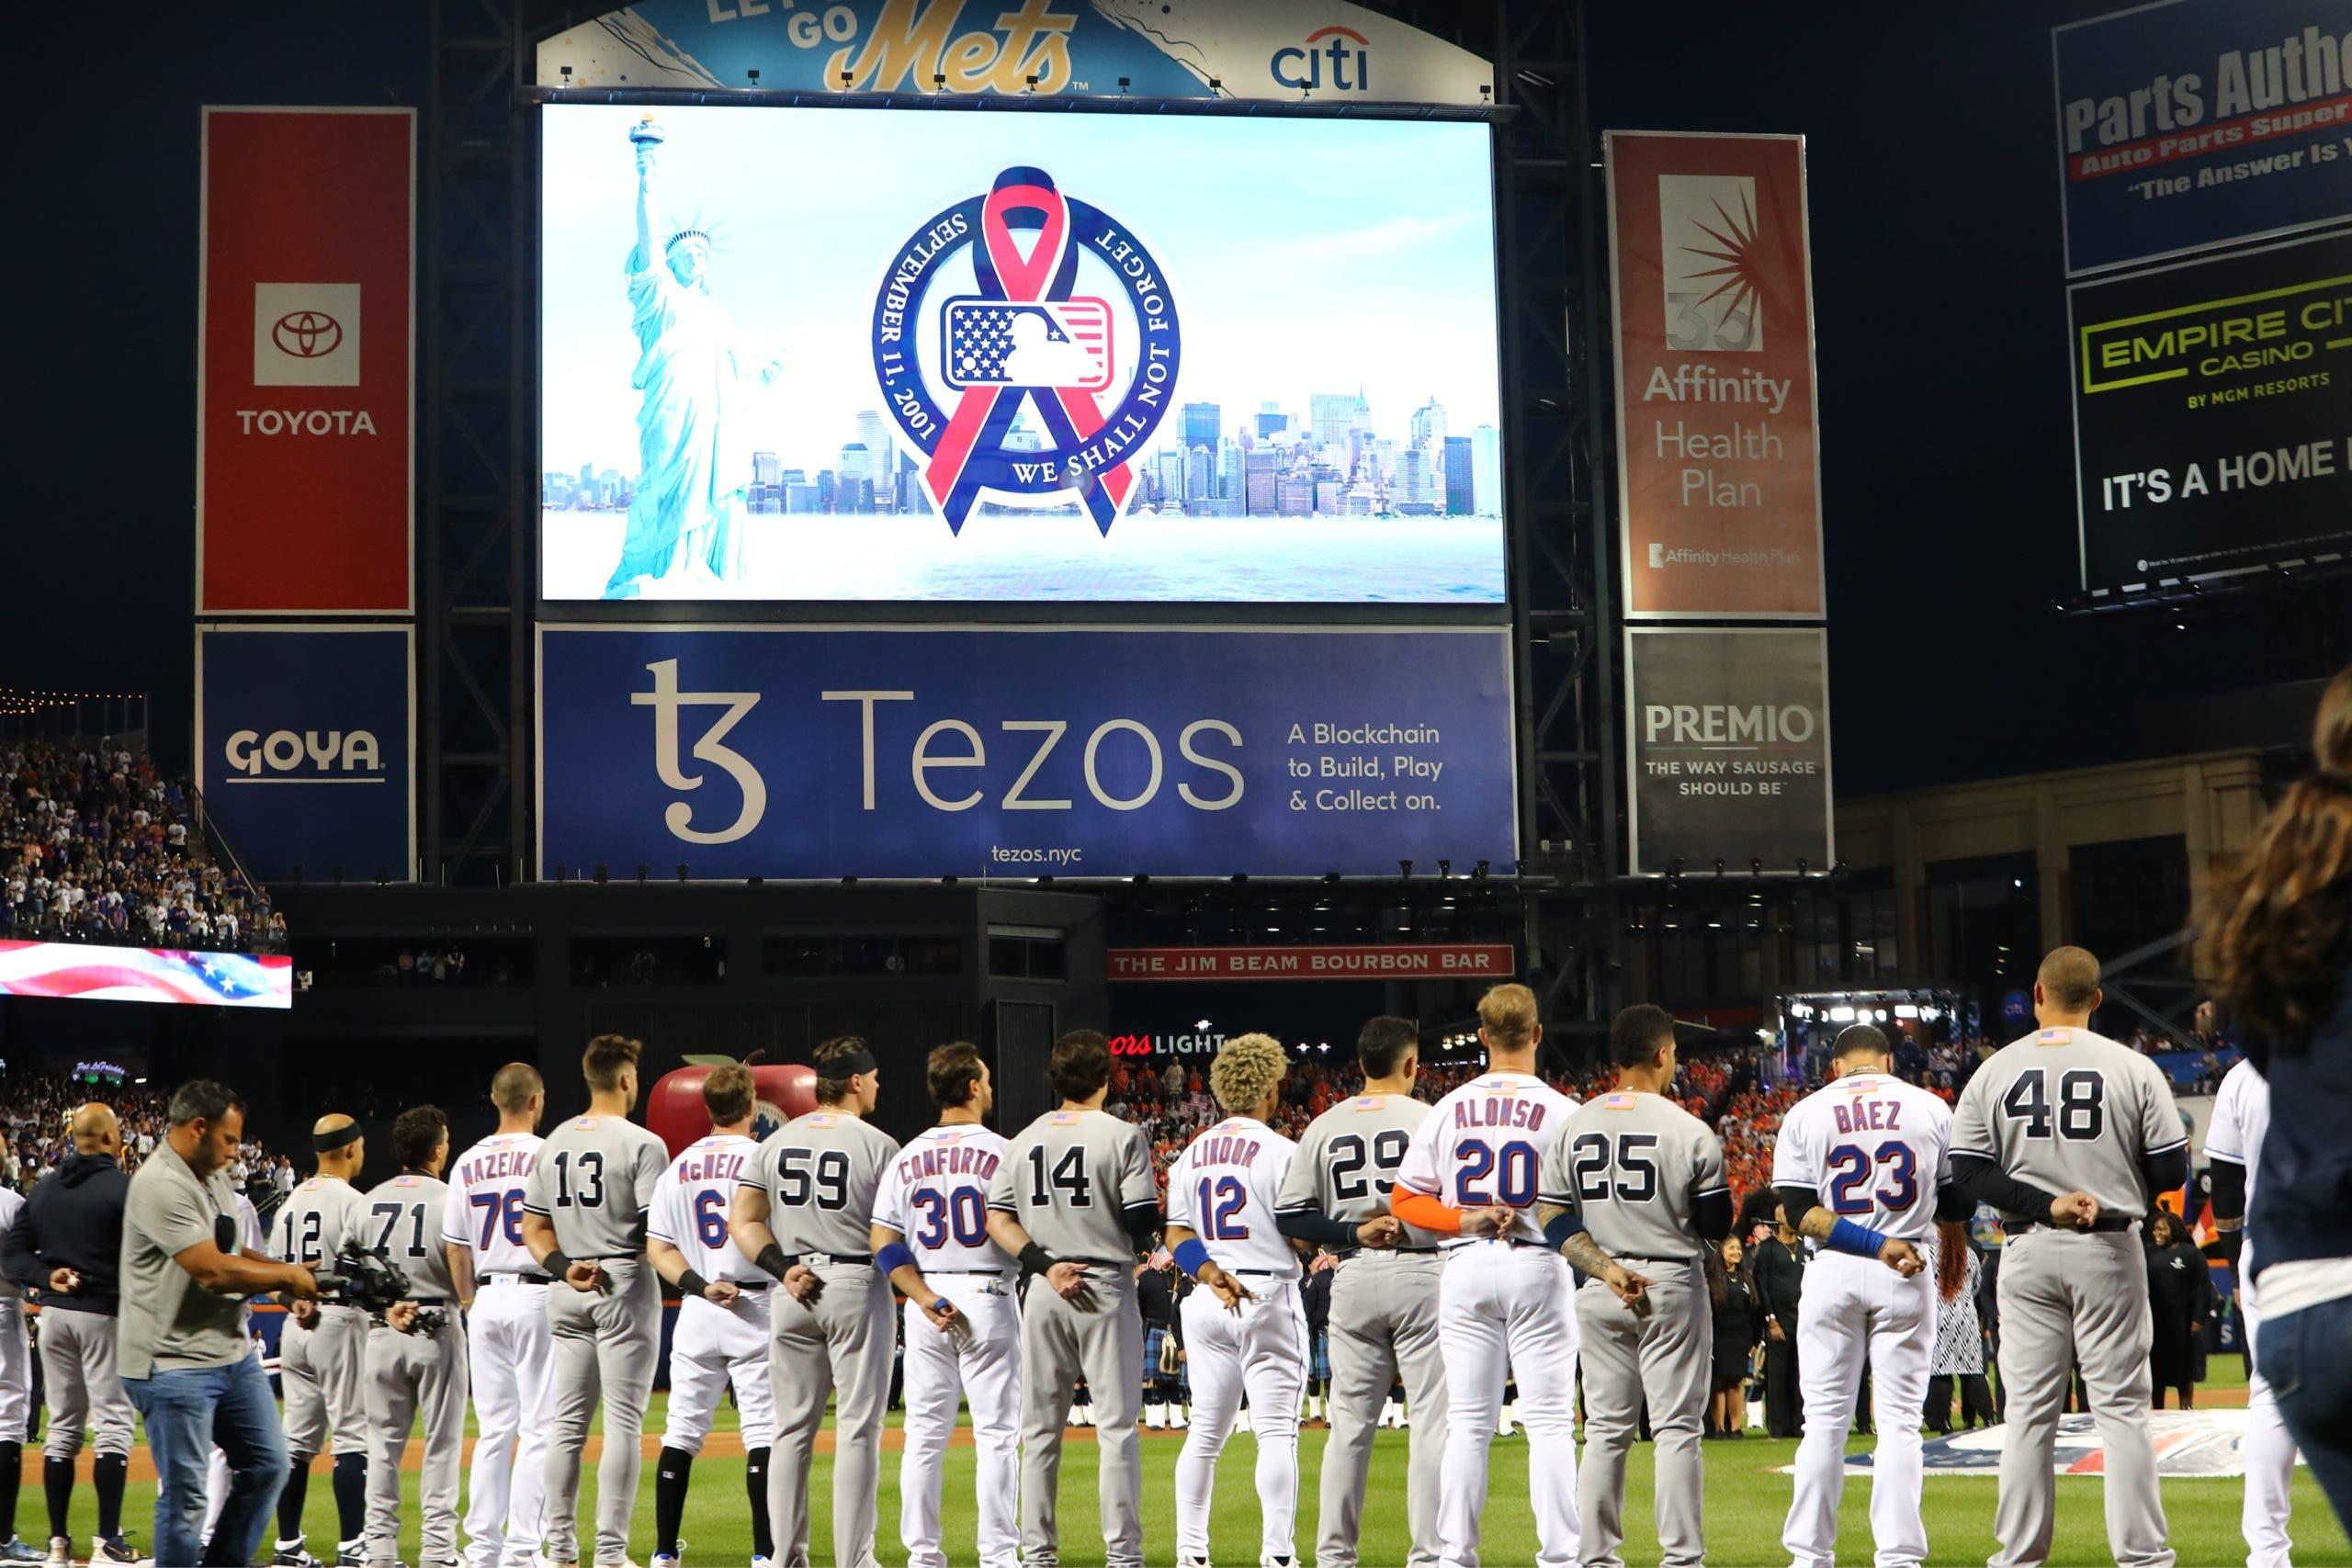 Las Grandes Ligas conmemora el 20mo aniversario del 9/11